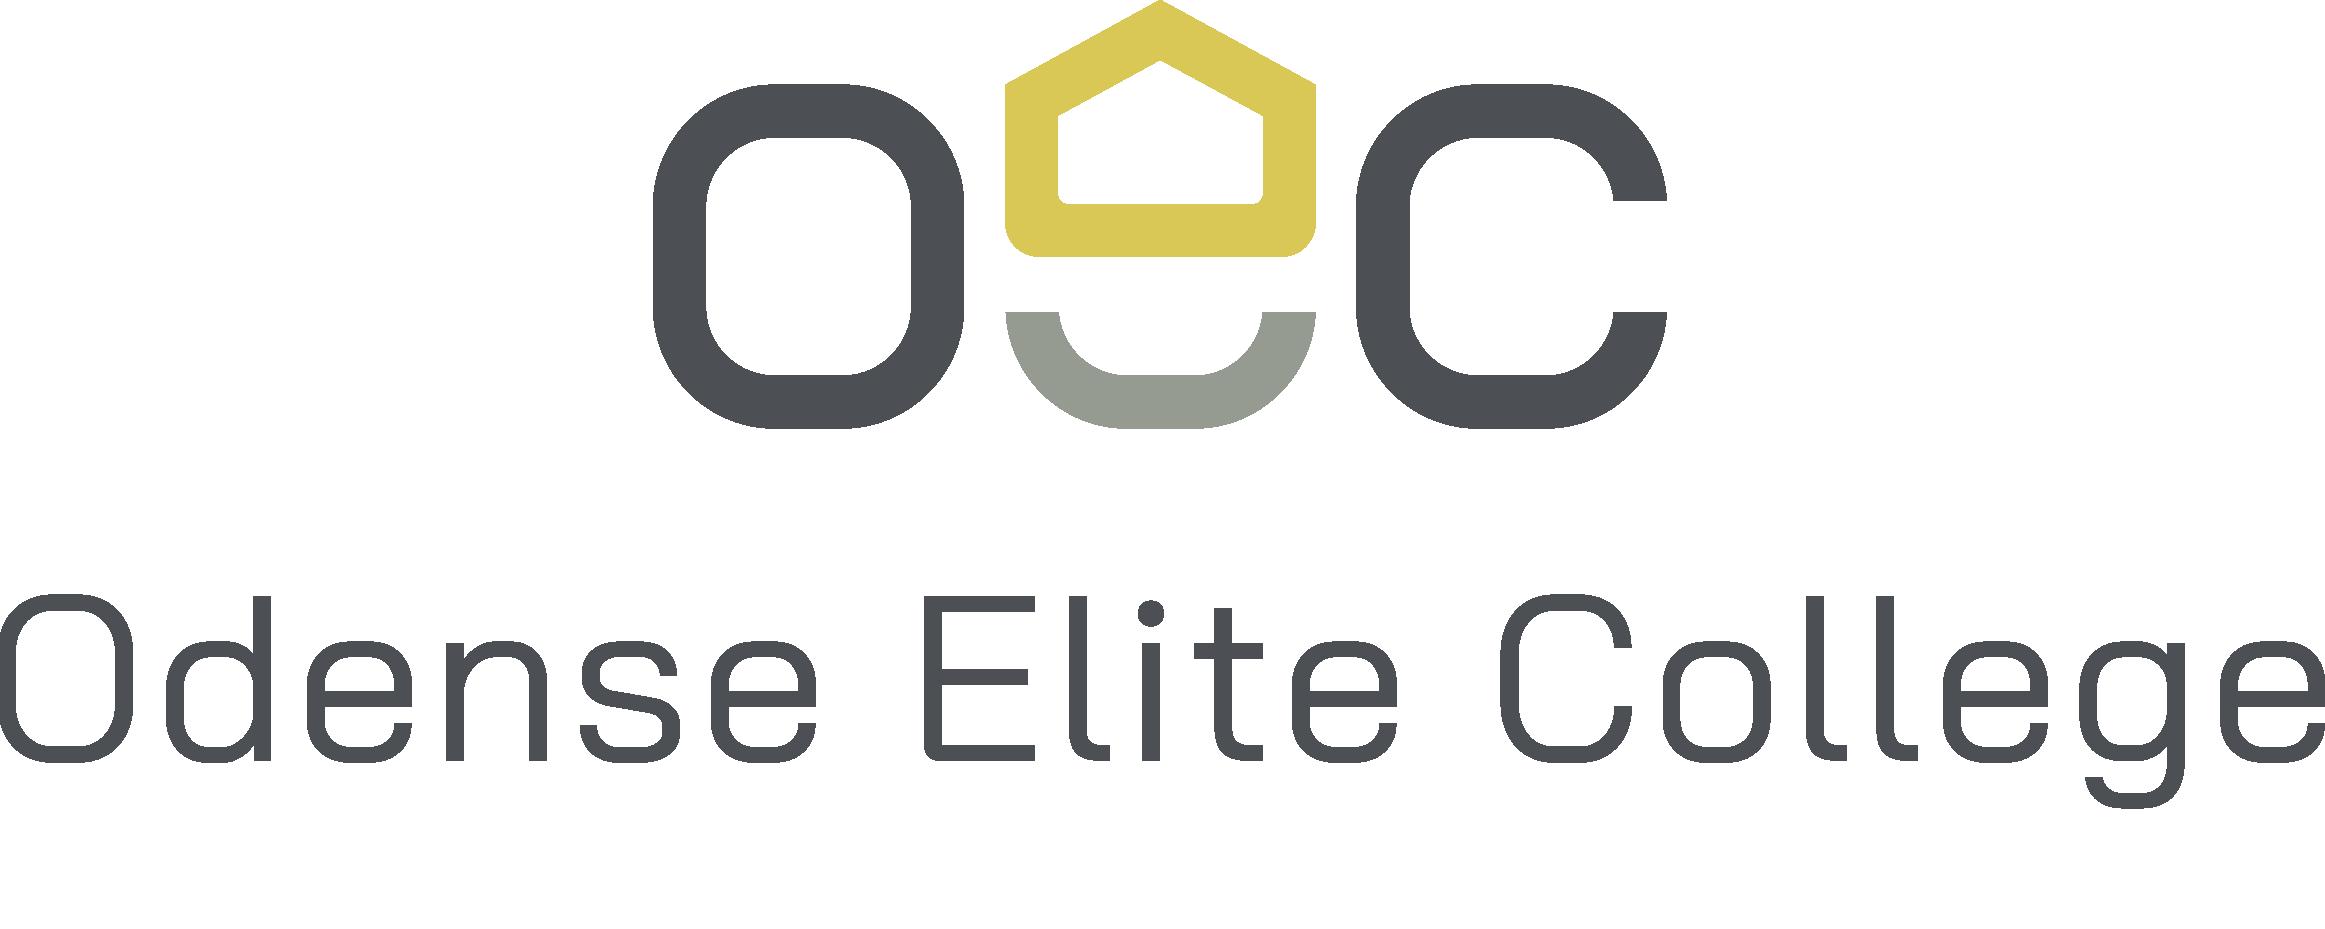 Odense elite college